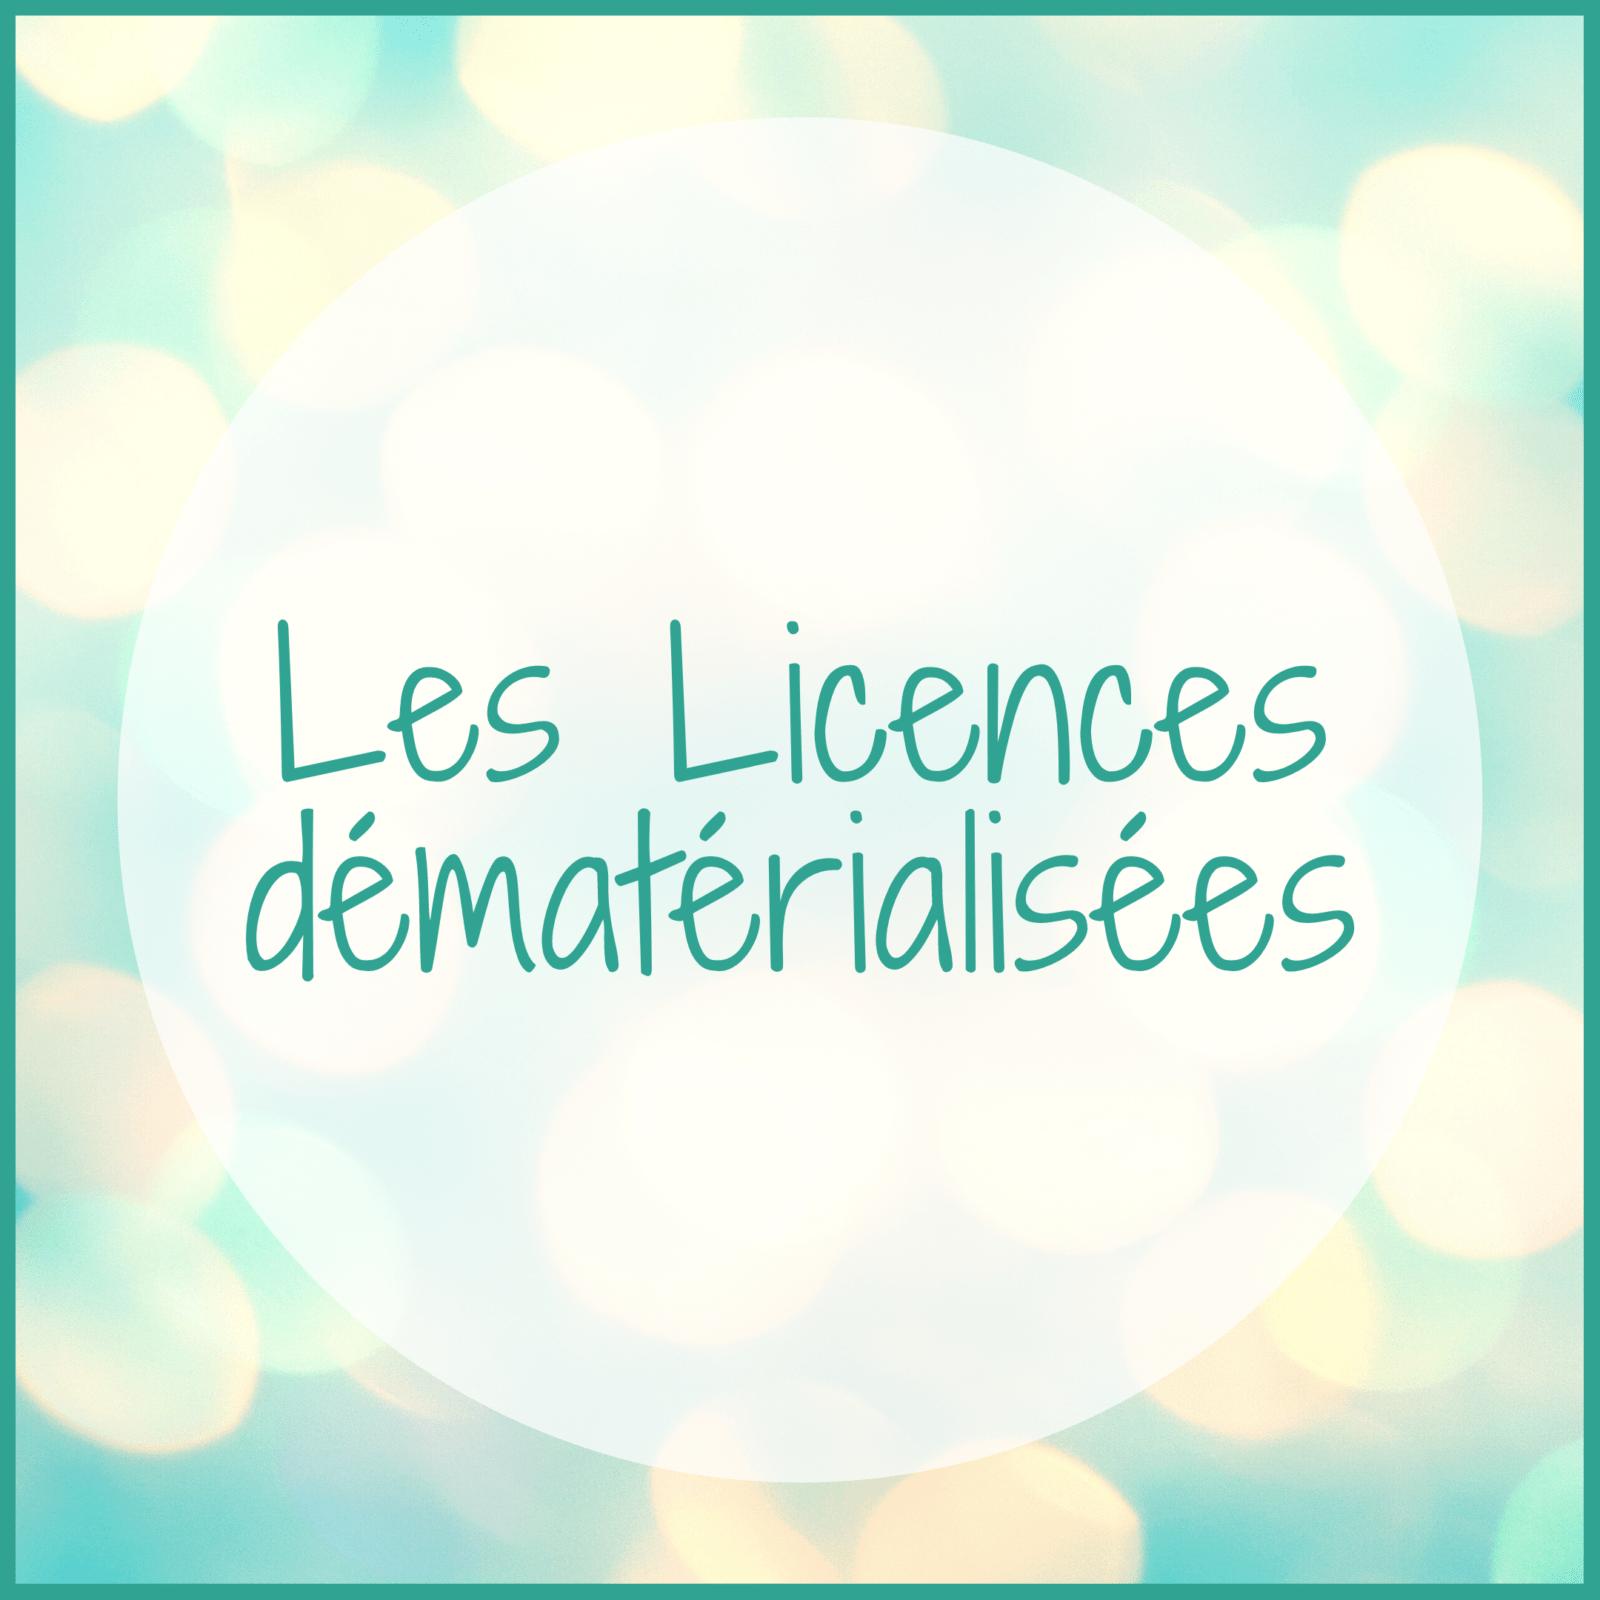 Les Licences dématérialisées